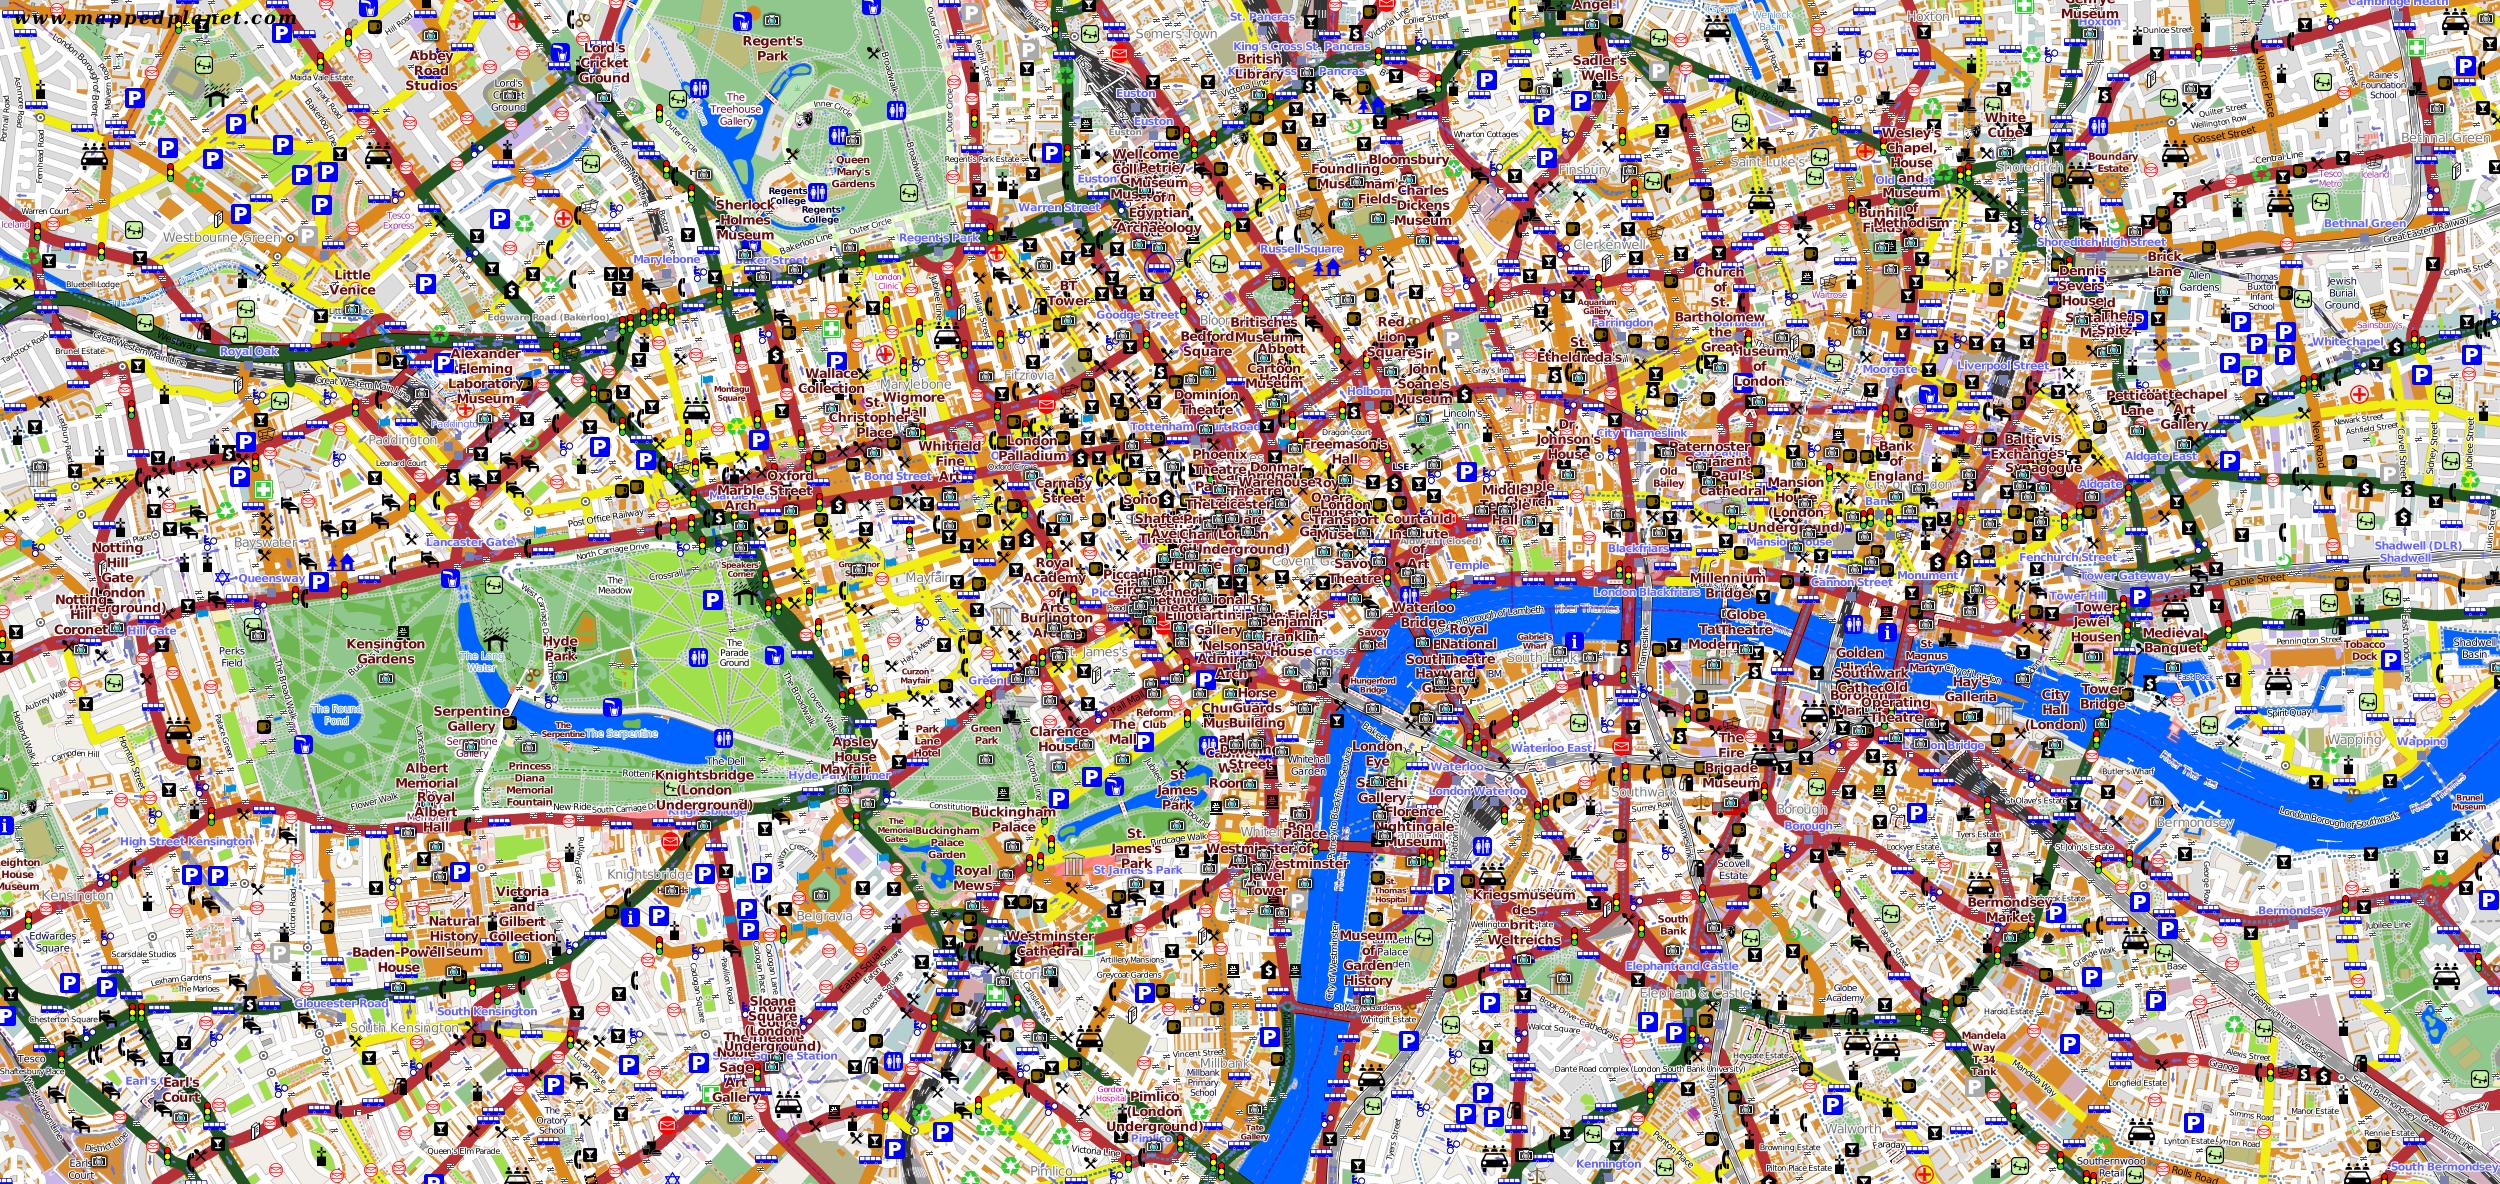 Karte London.Karten Und Stadtpläne London